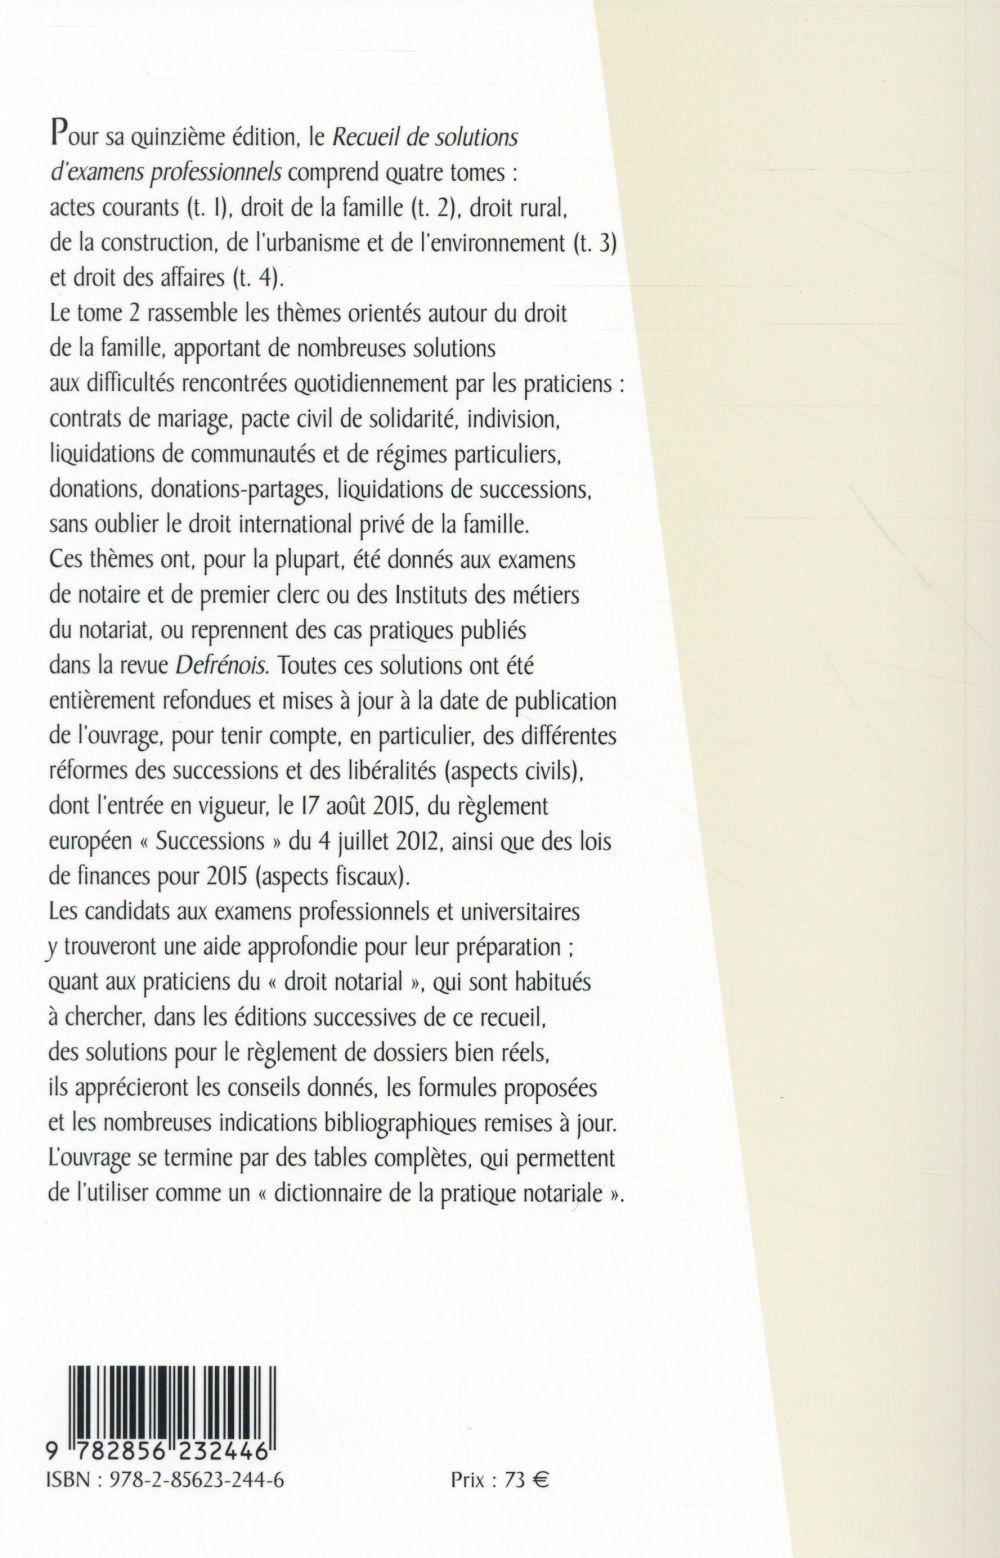 Recueil de solutions d'examens professionnels t.2 ; droit de la famille : régimes matrimoniaux, PACS, divorce, libéralités, successions et indivision (15e édition)